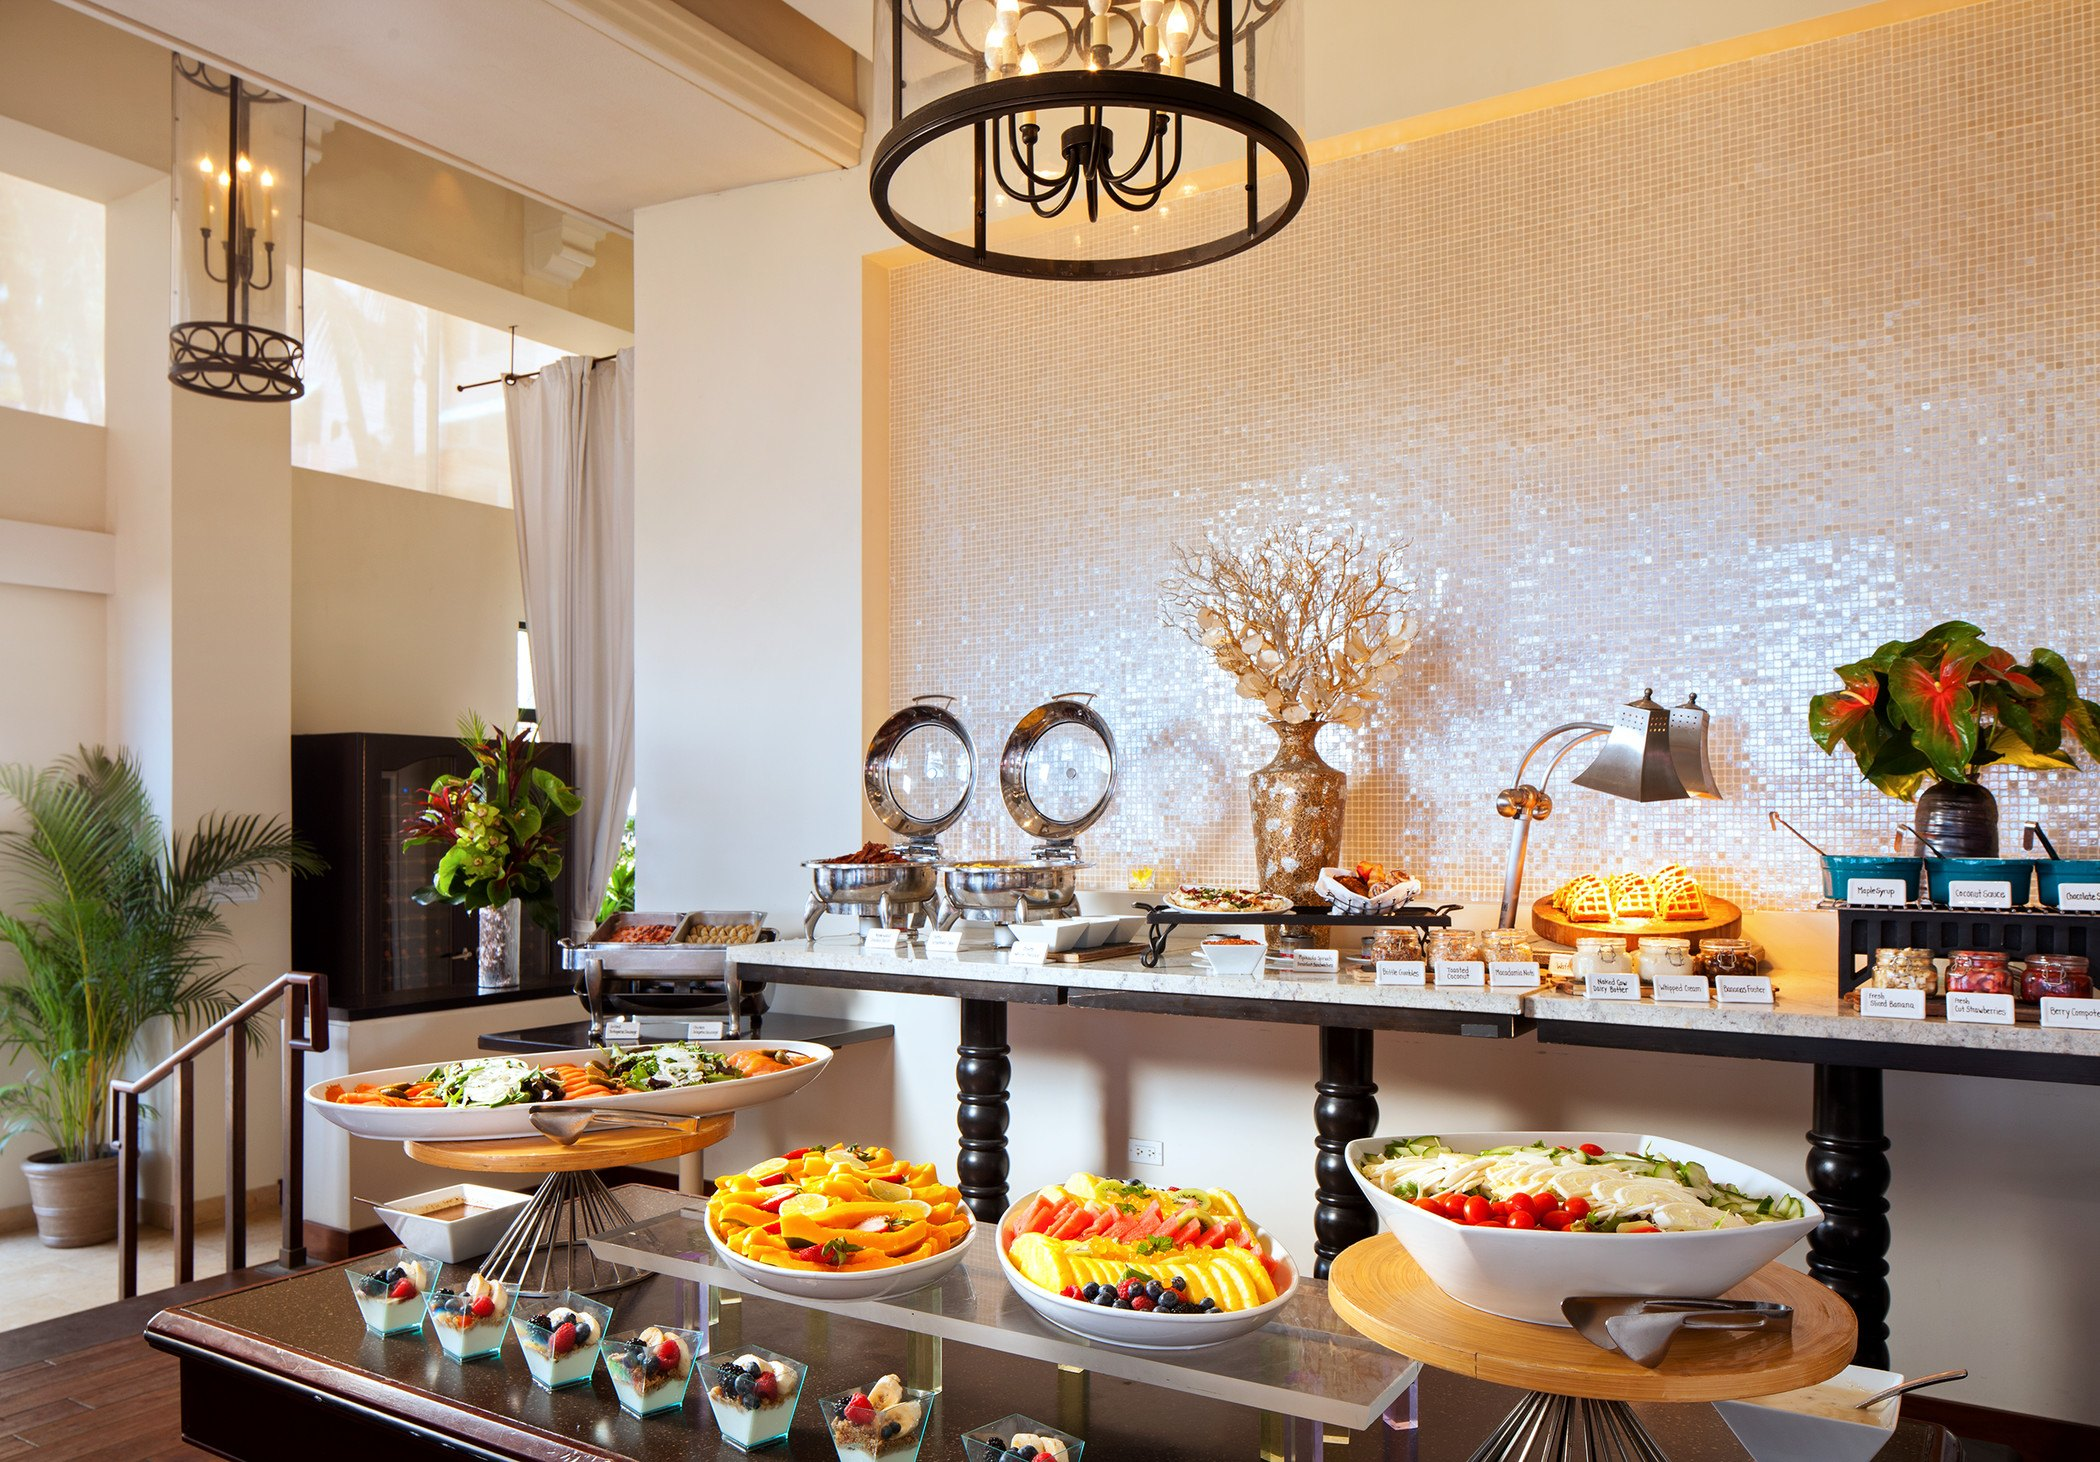 lux376re-191824-Royal-Hawaiian-Surf-Lanai-Restaurant-Breakfast-Buffet-Med